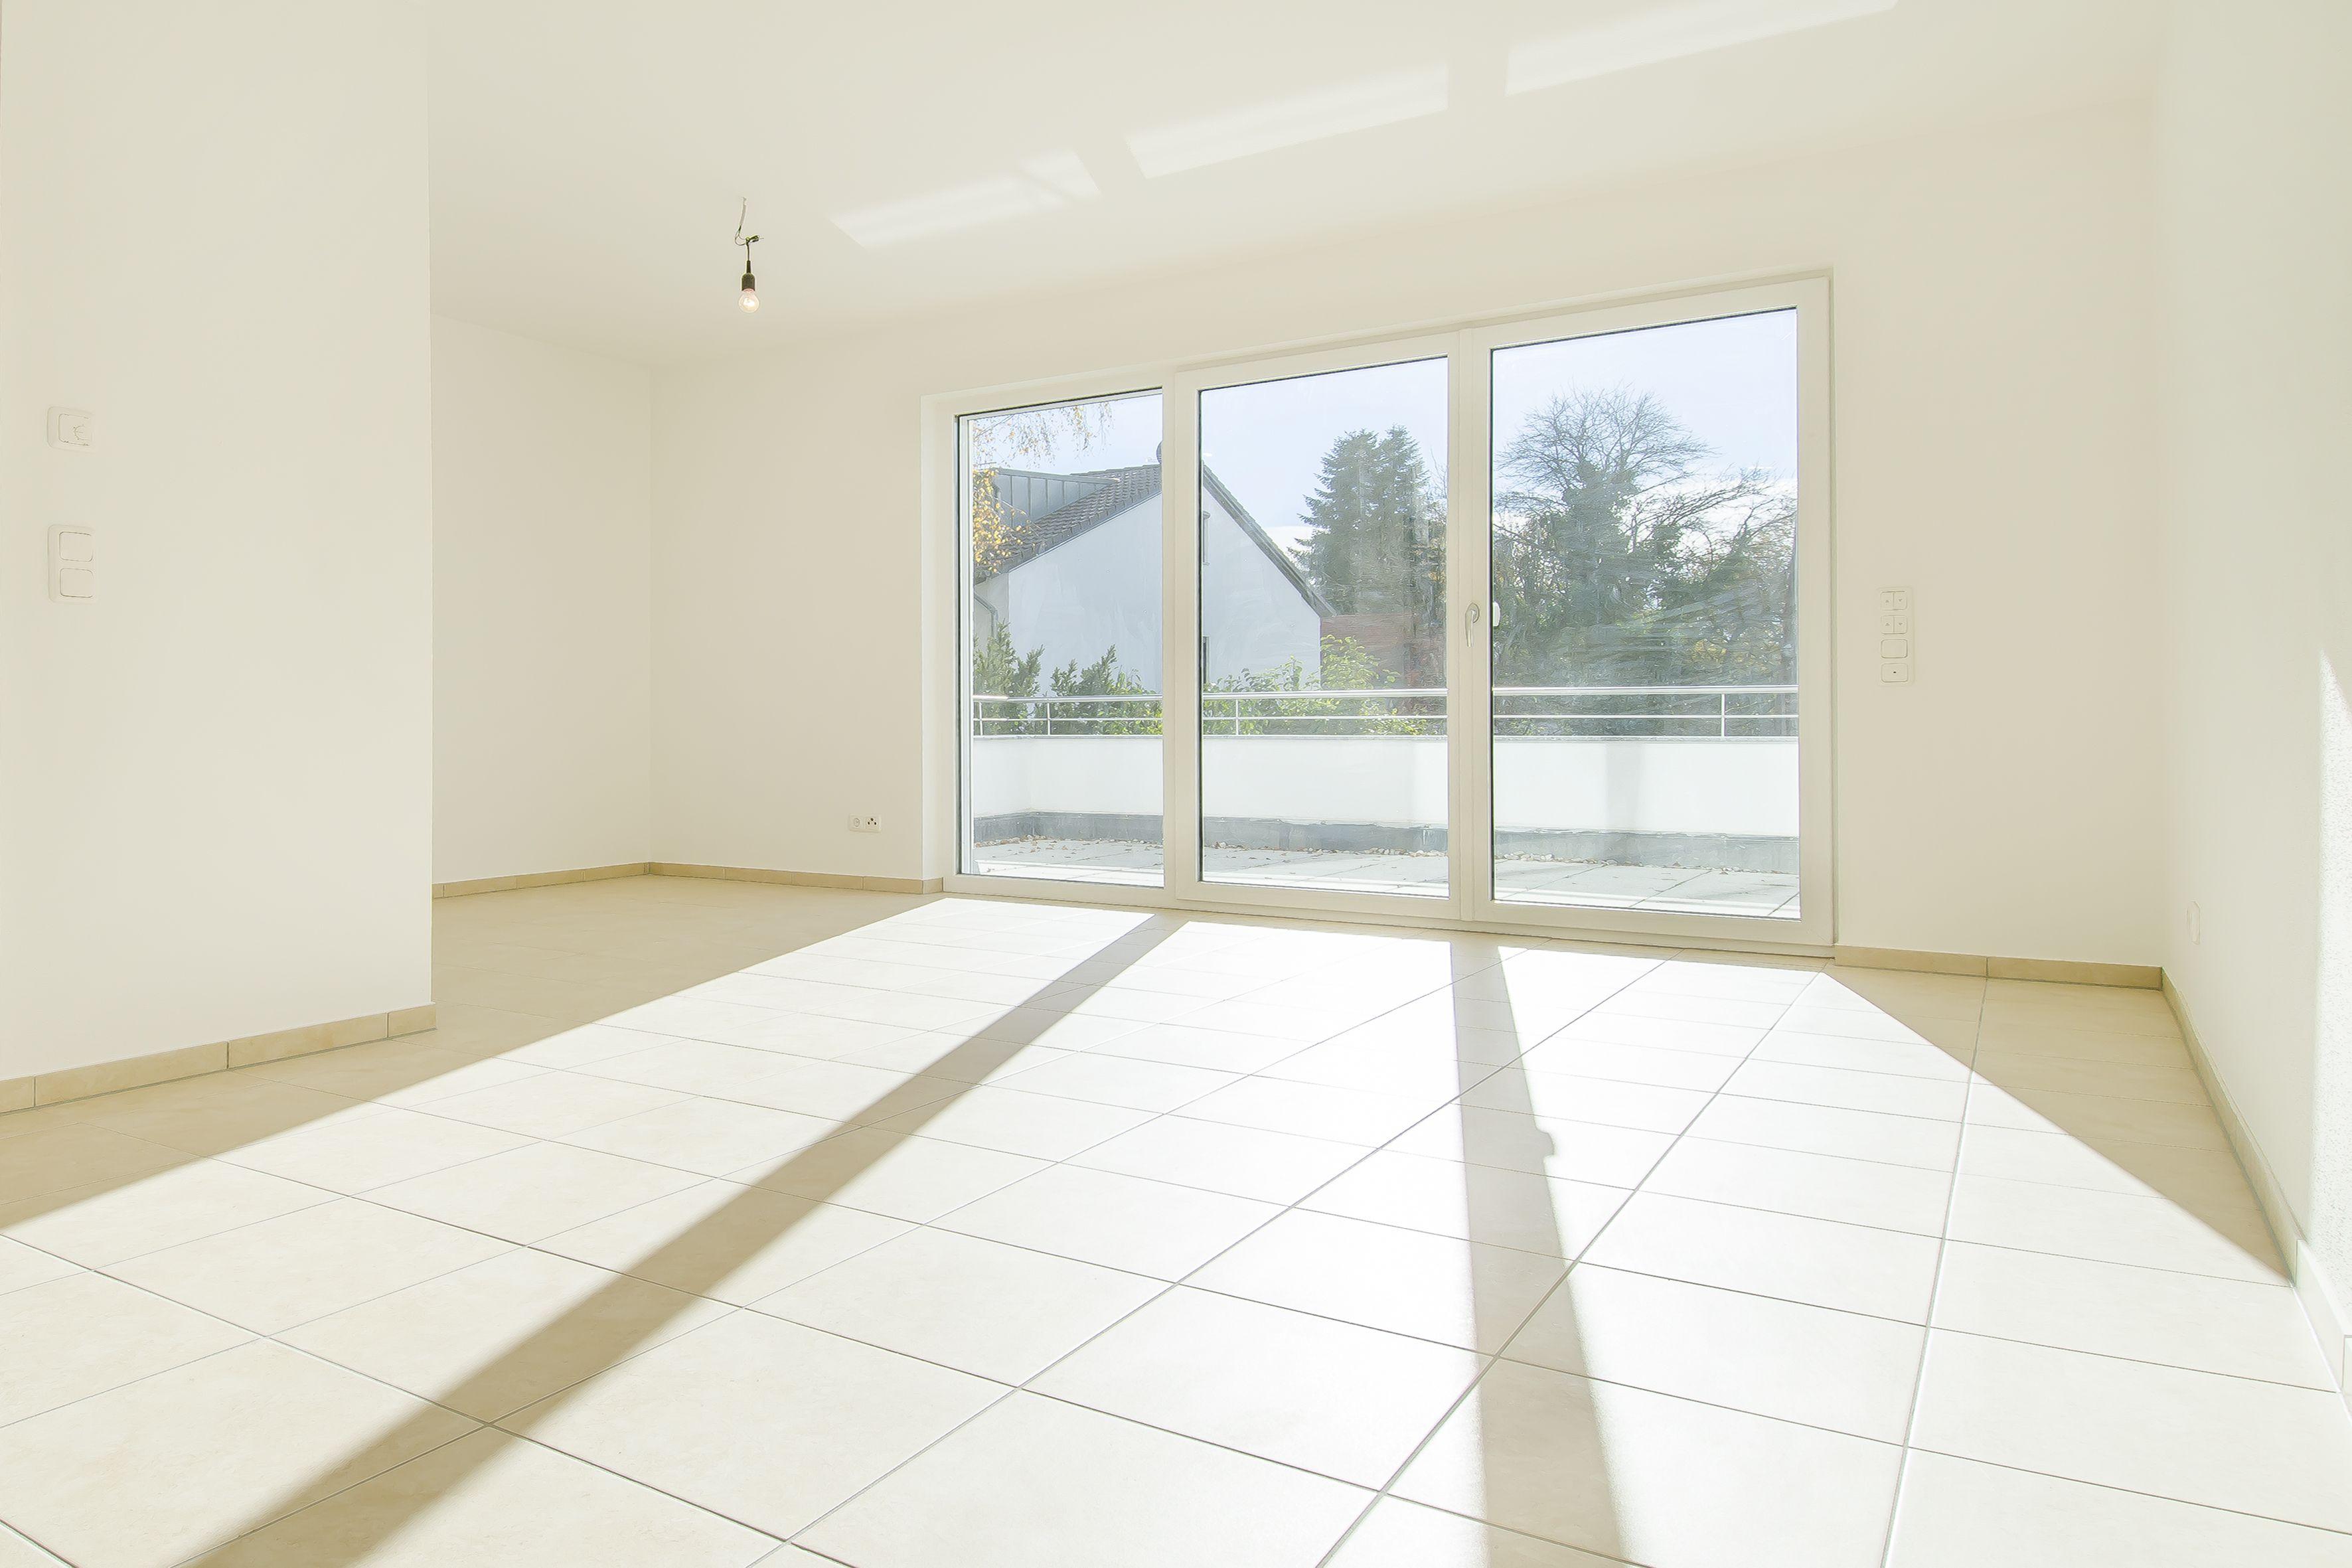 Großhadern: Attraktive 3-Zimmer-Wohnung mit hochwertiger Ausstattung und Südbalkon Details: http://www.riedel-immobilien.de/objekt/2130